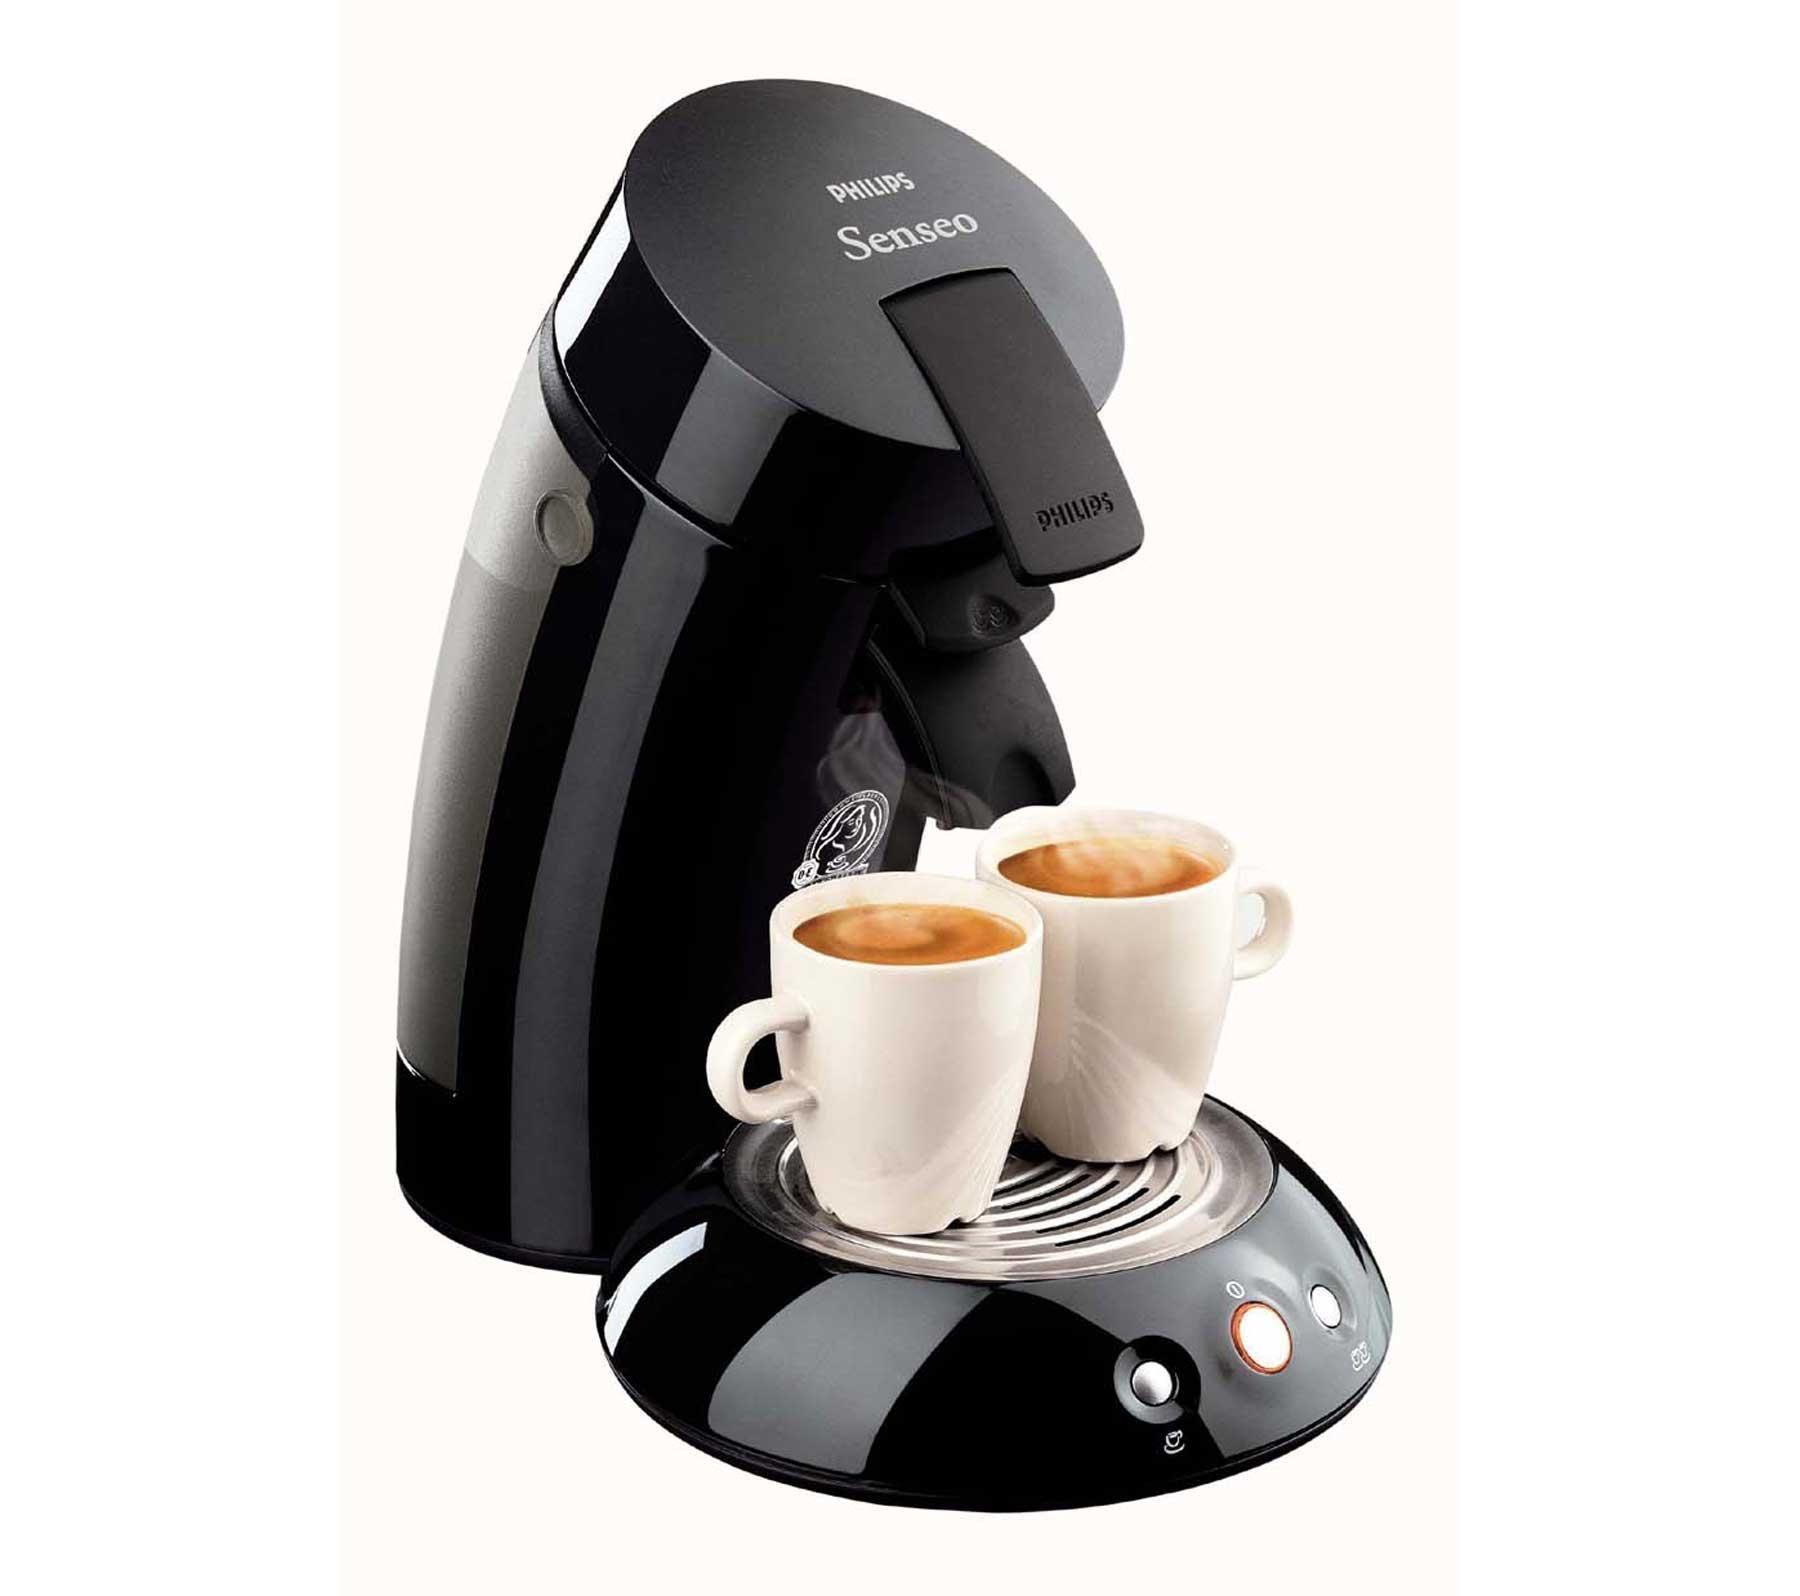 آلة صنع القهوة من فيليبس Coffee maker, Pod coffee